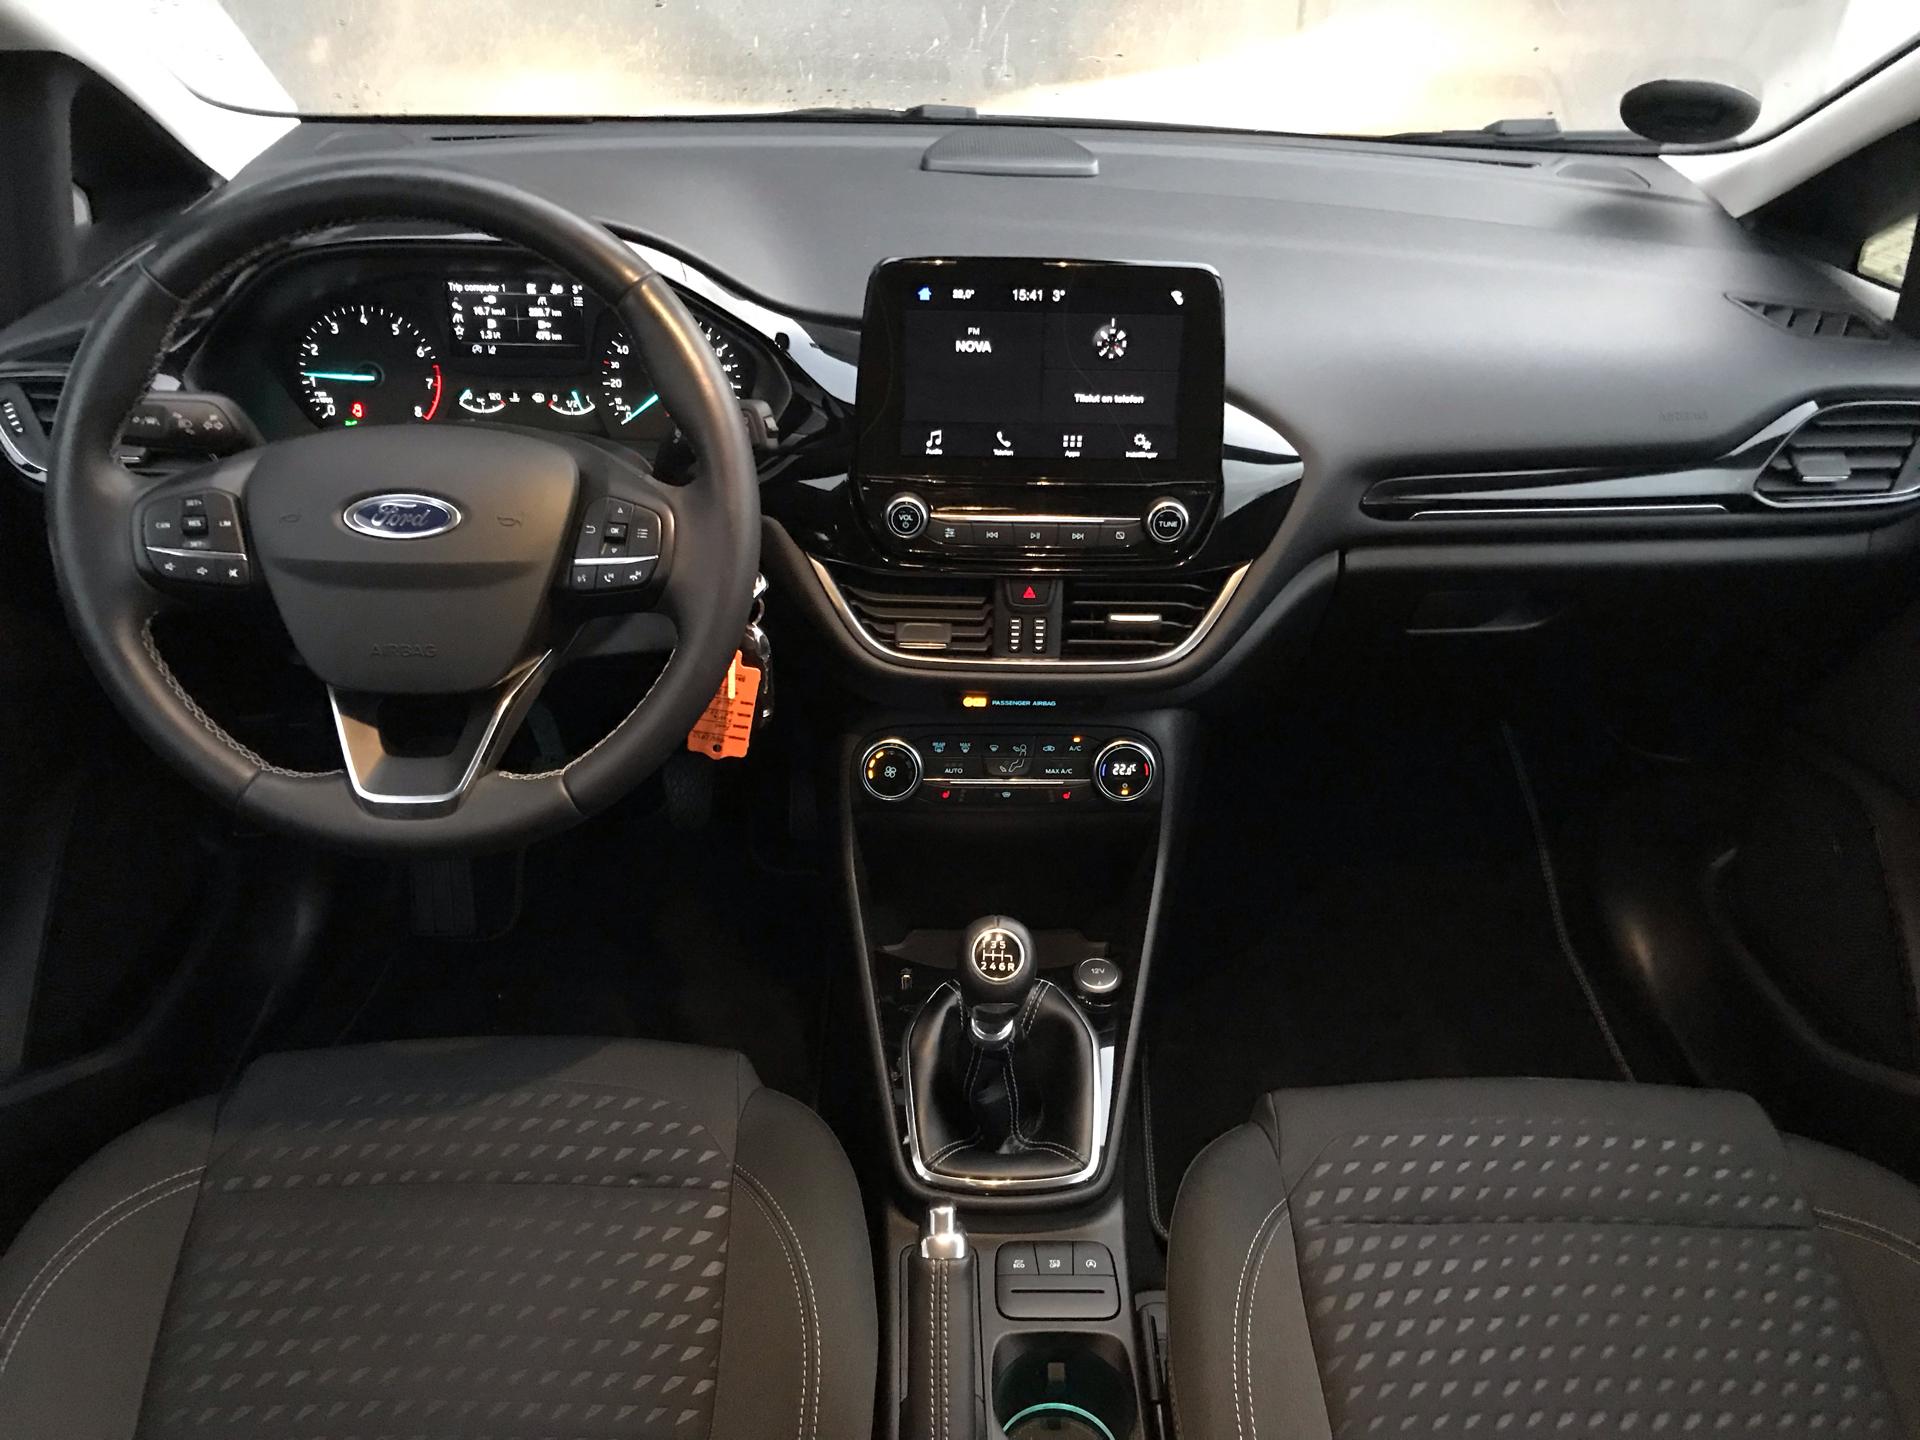 Billede af Ford Fiesta 1,0 EcoBoost Titanium Start/Stop 125HK 5d